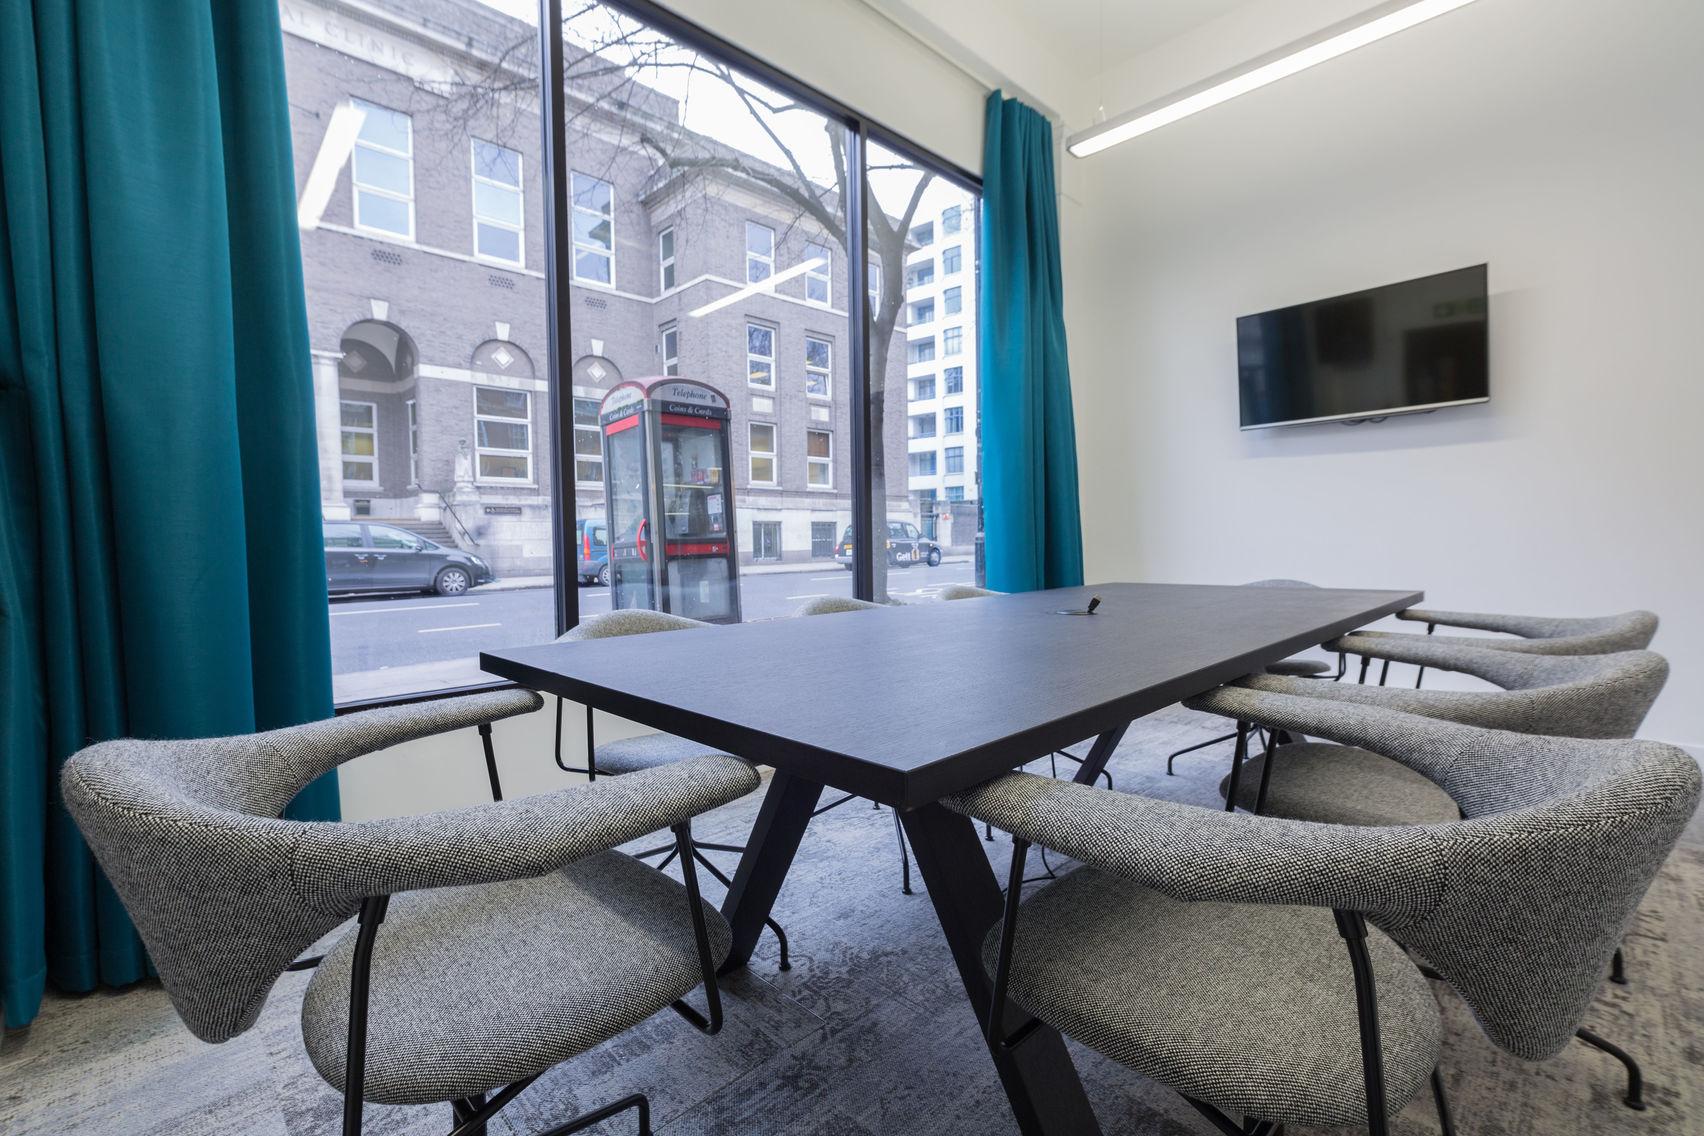 Grays Inn Road Meeting Room, Grays Inn Road